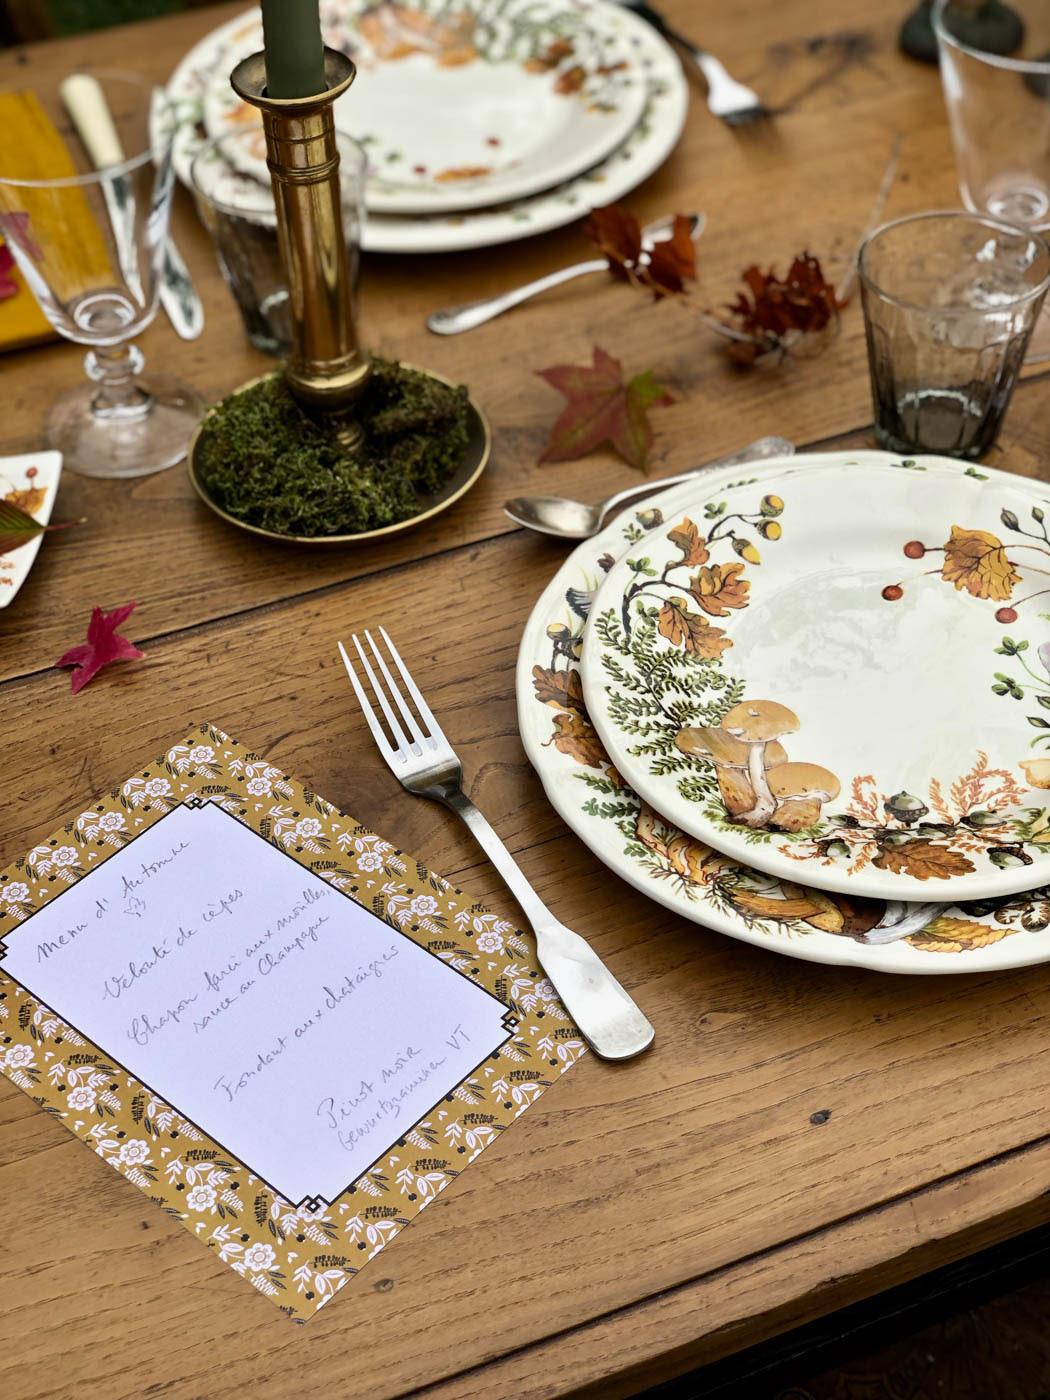 Autumn-table-setting-gien-chanterelles-6